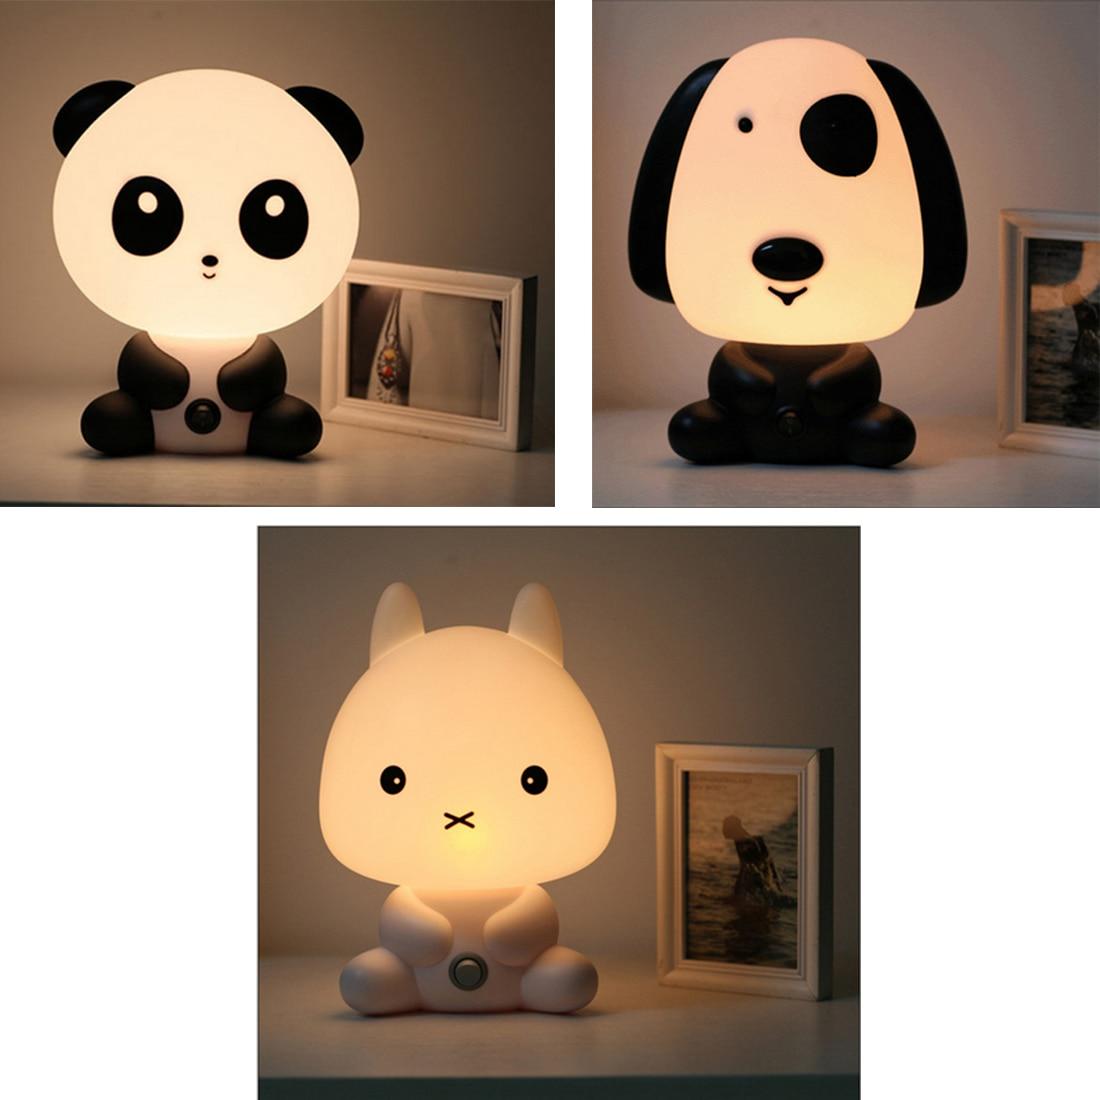 חם! האיחוד האירופי Plug תינוק חדר שינה מנורות לילה אור חיות מחמד קריקטורה ארנב הנורה מנורת ילד פנדה פלסטיק PVC שינה Led מנורת לילה ילדים